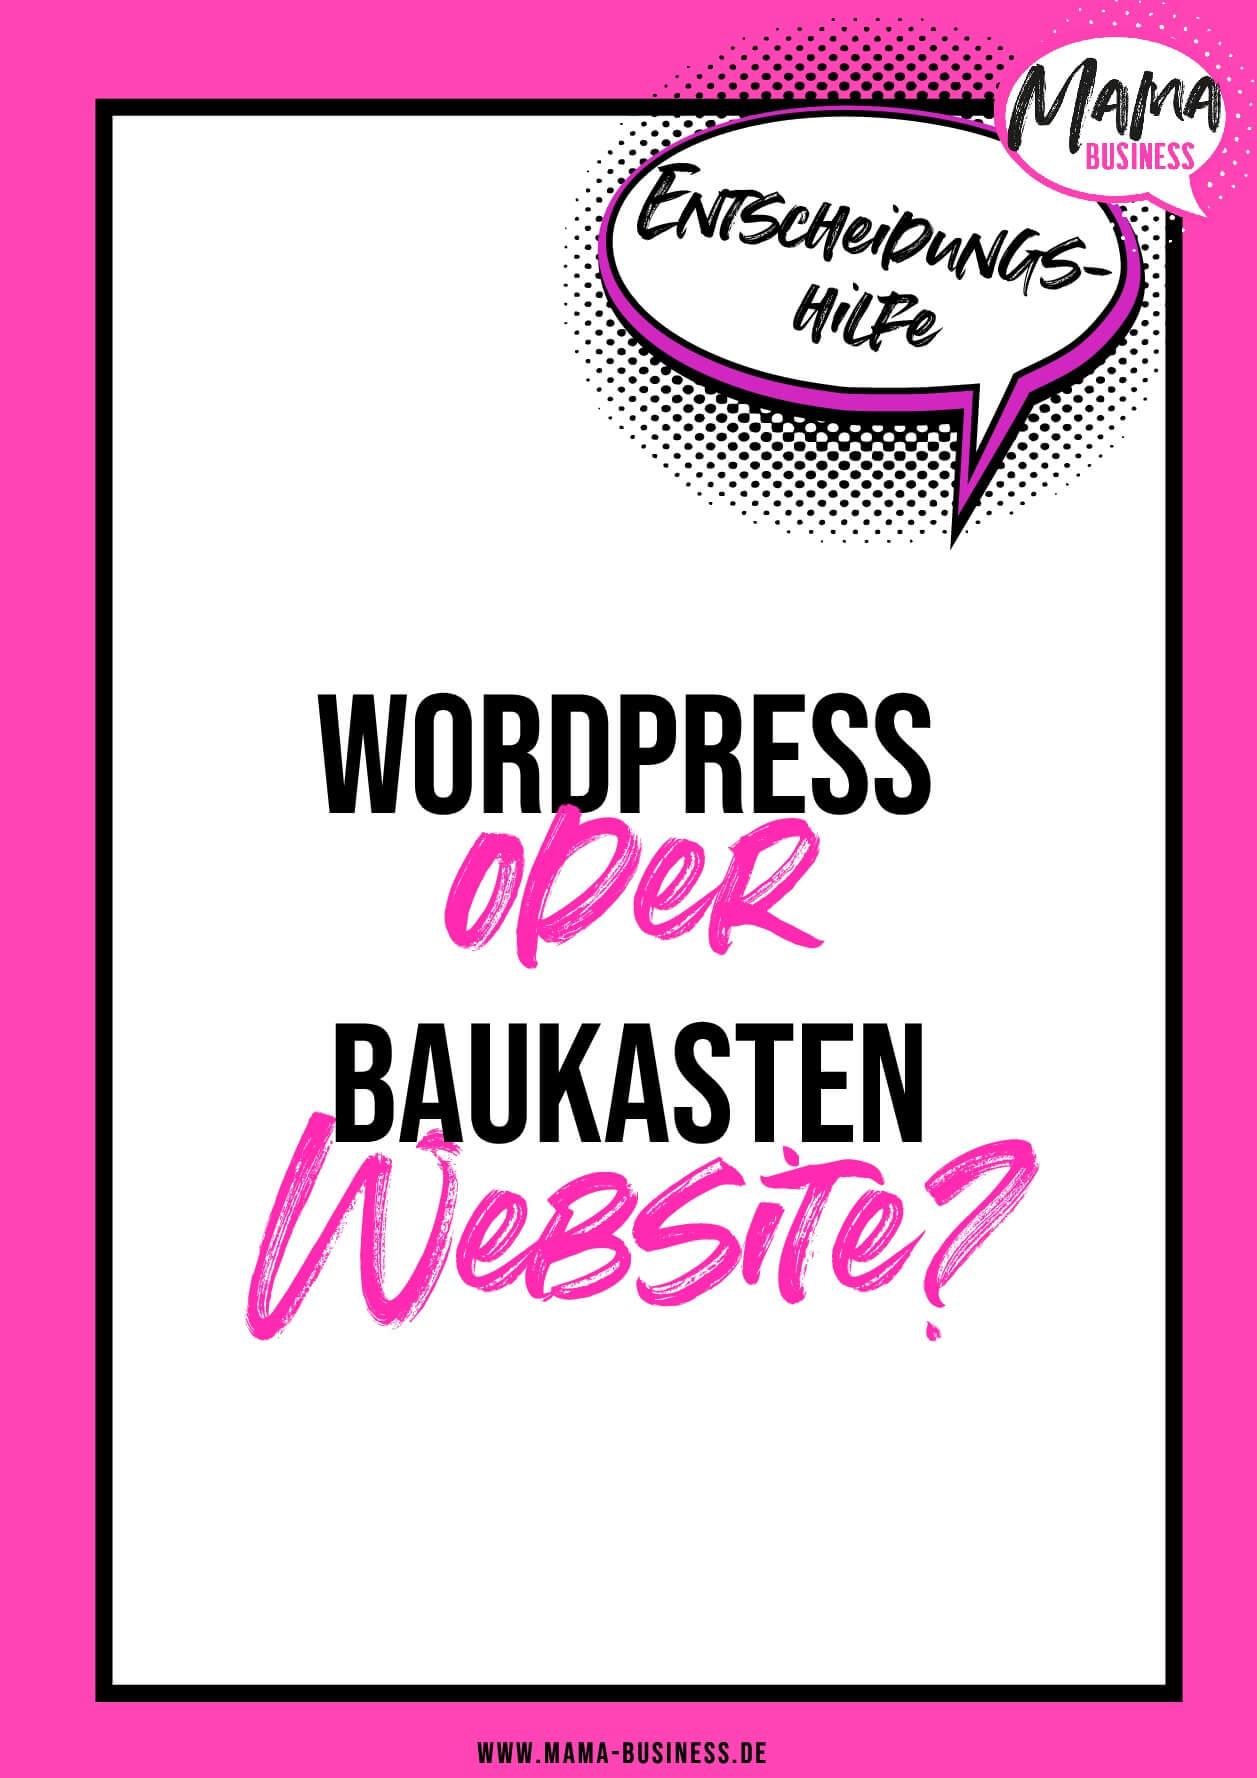 WordPress oder Baukasten